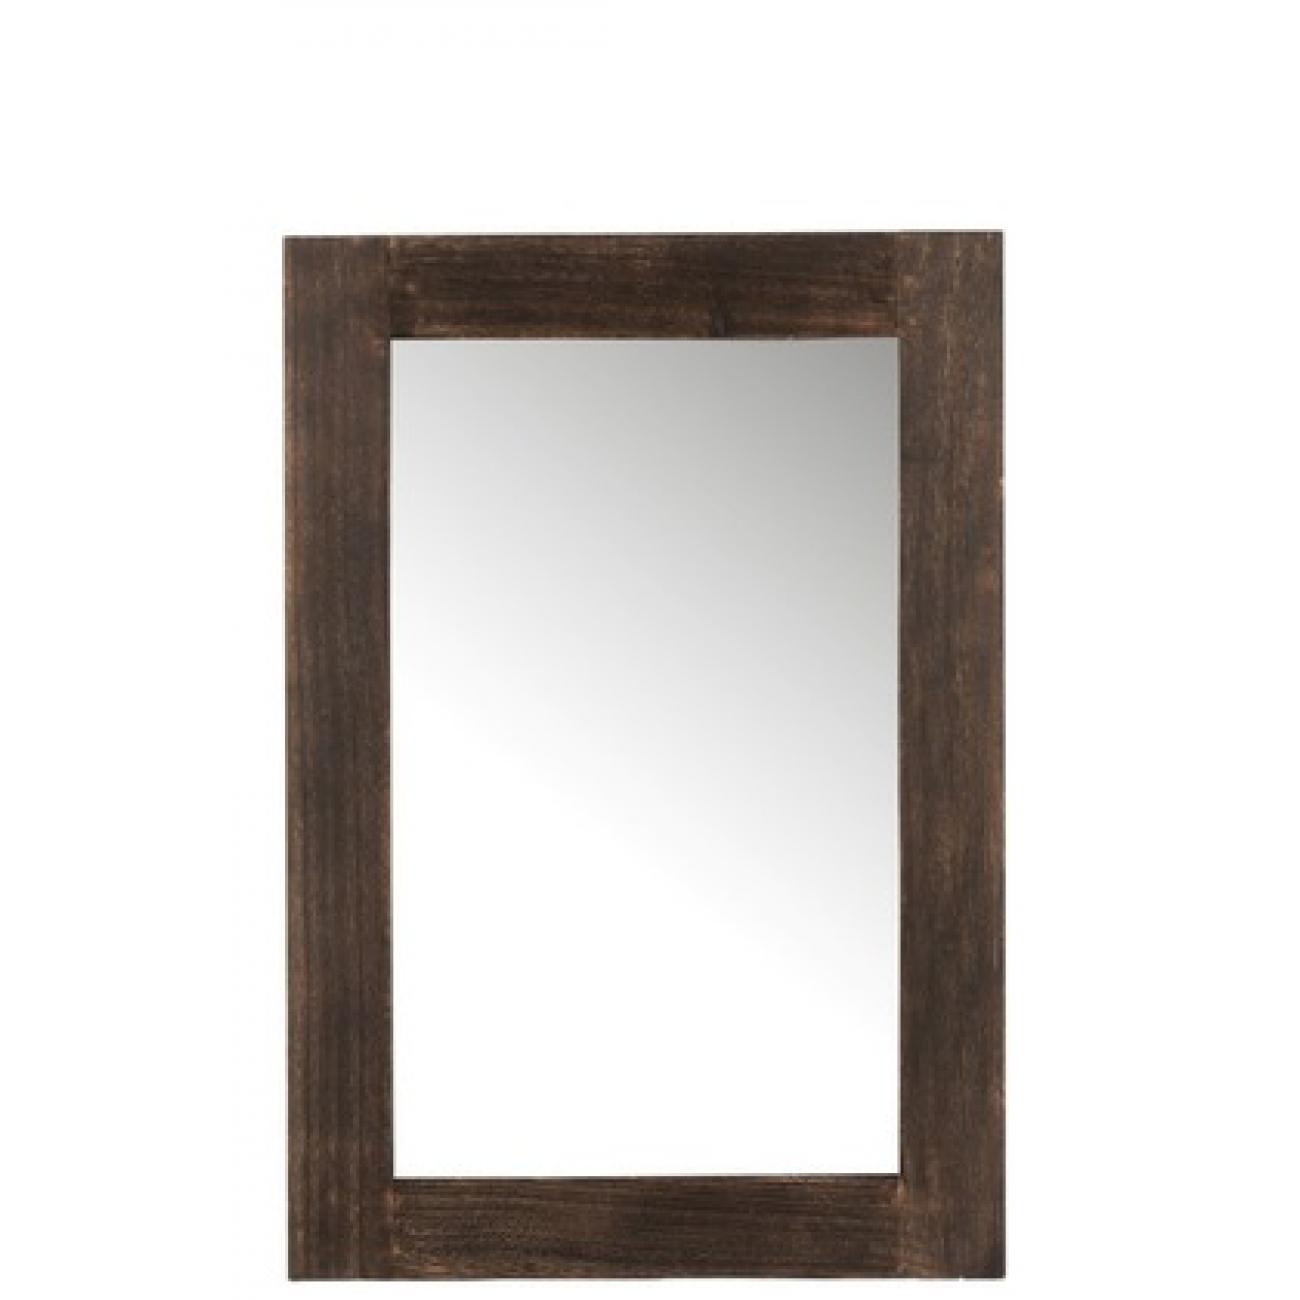 Прямоугольное настенное зеркало J-LINE в раме из натурального дерева коричневое 80х55 см Бельгия